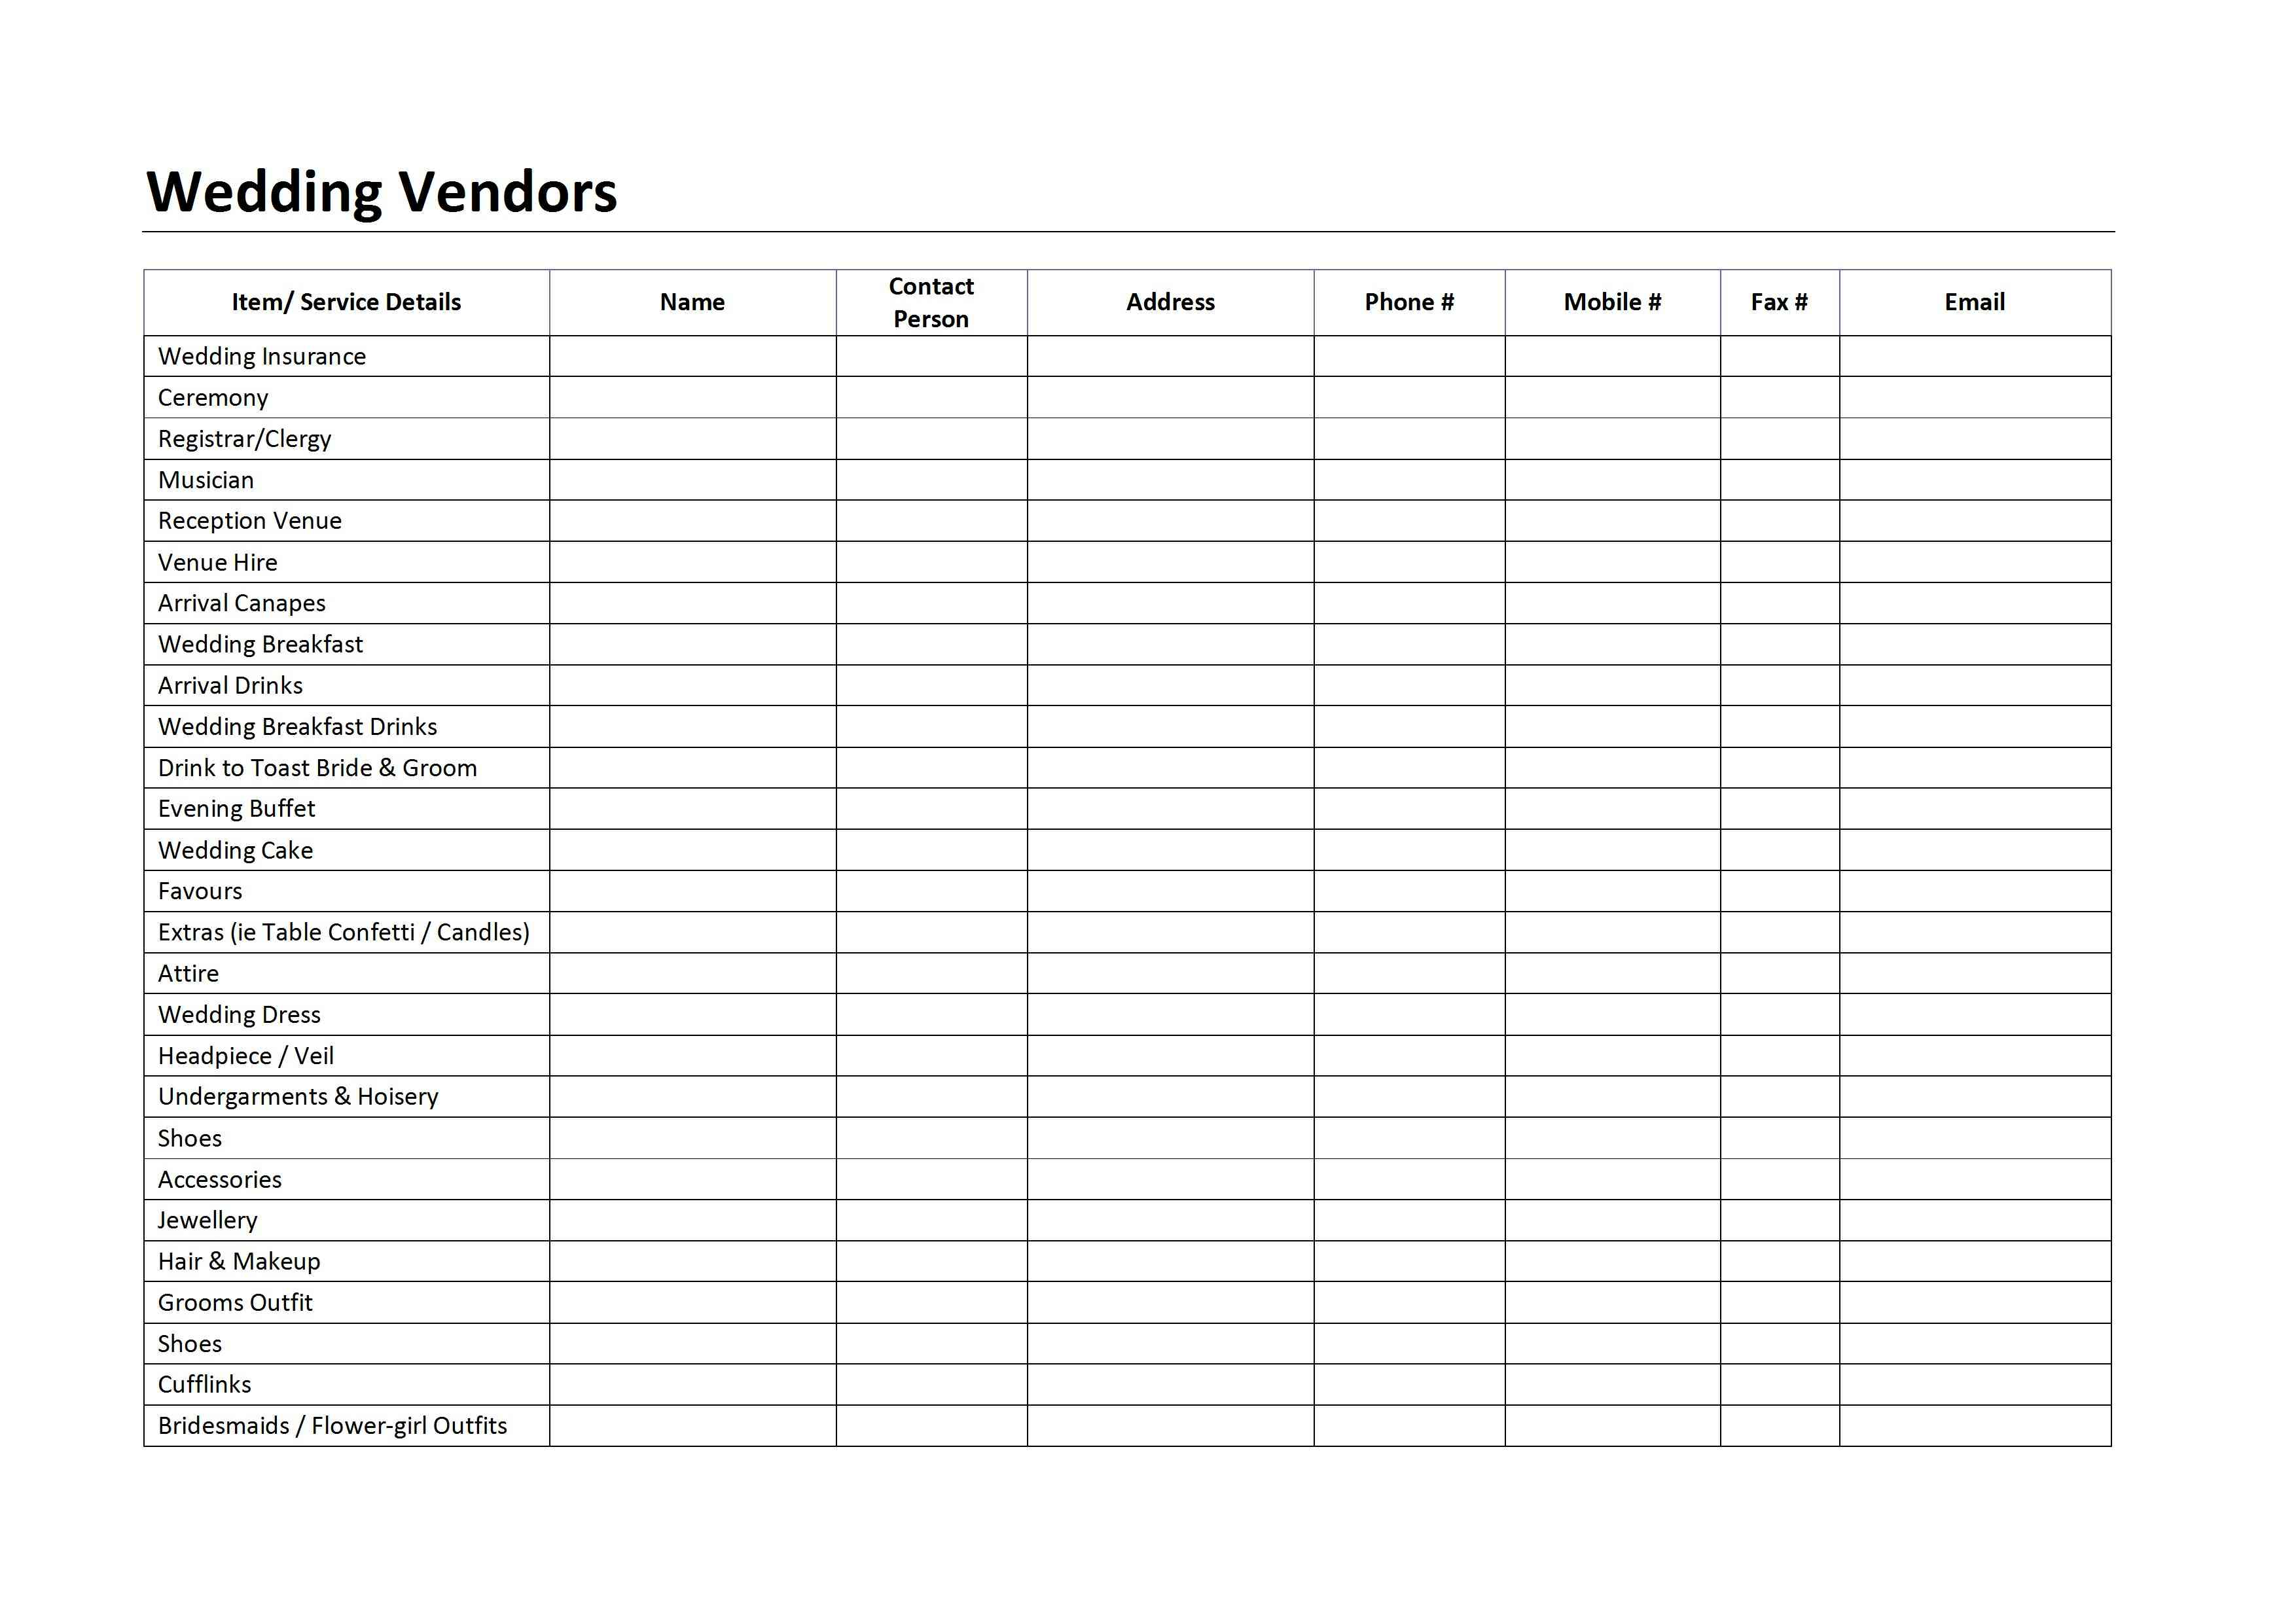 Wedding Budget Spreadsheet Uk With Best Wedding Budget Spreadsheet  Homebiz4U2Profit